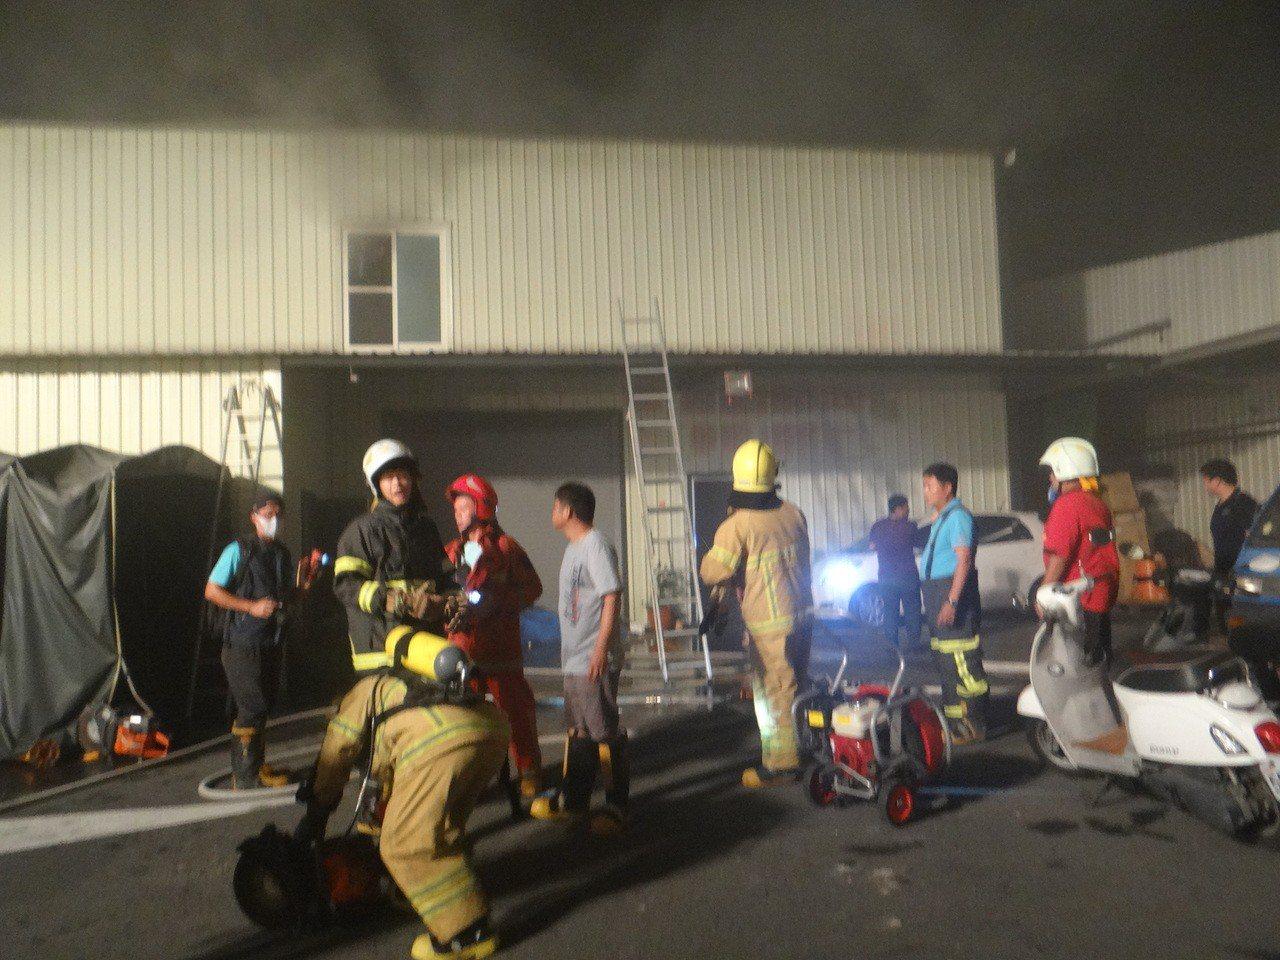 北港鬧區一家大賣場發生火警,6人受困,情況危急,消防隊全力搶救。記者蔡維斌/攝影